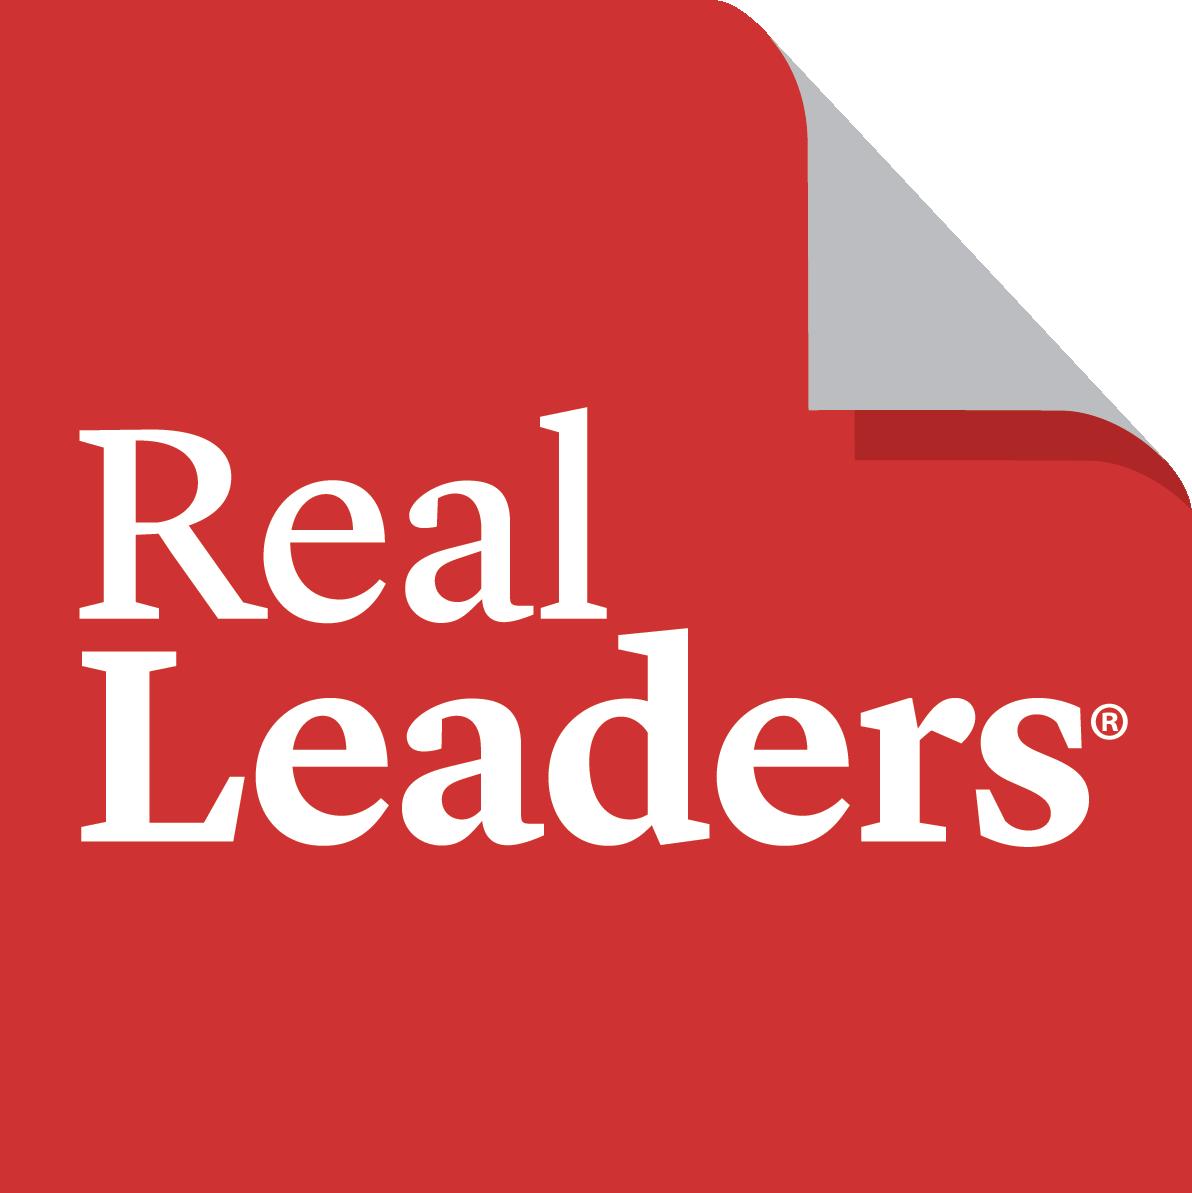 Real Leaders